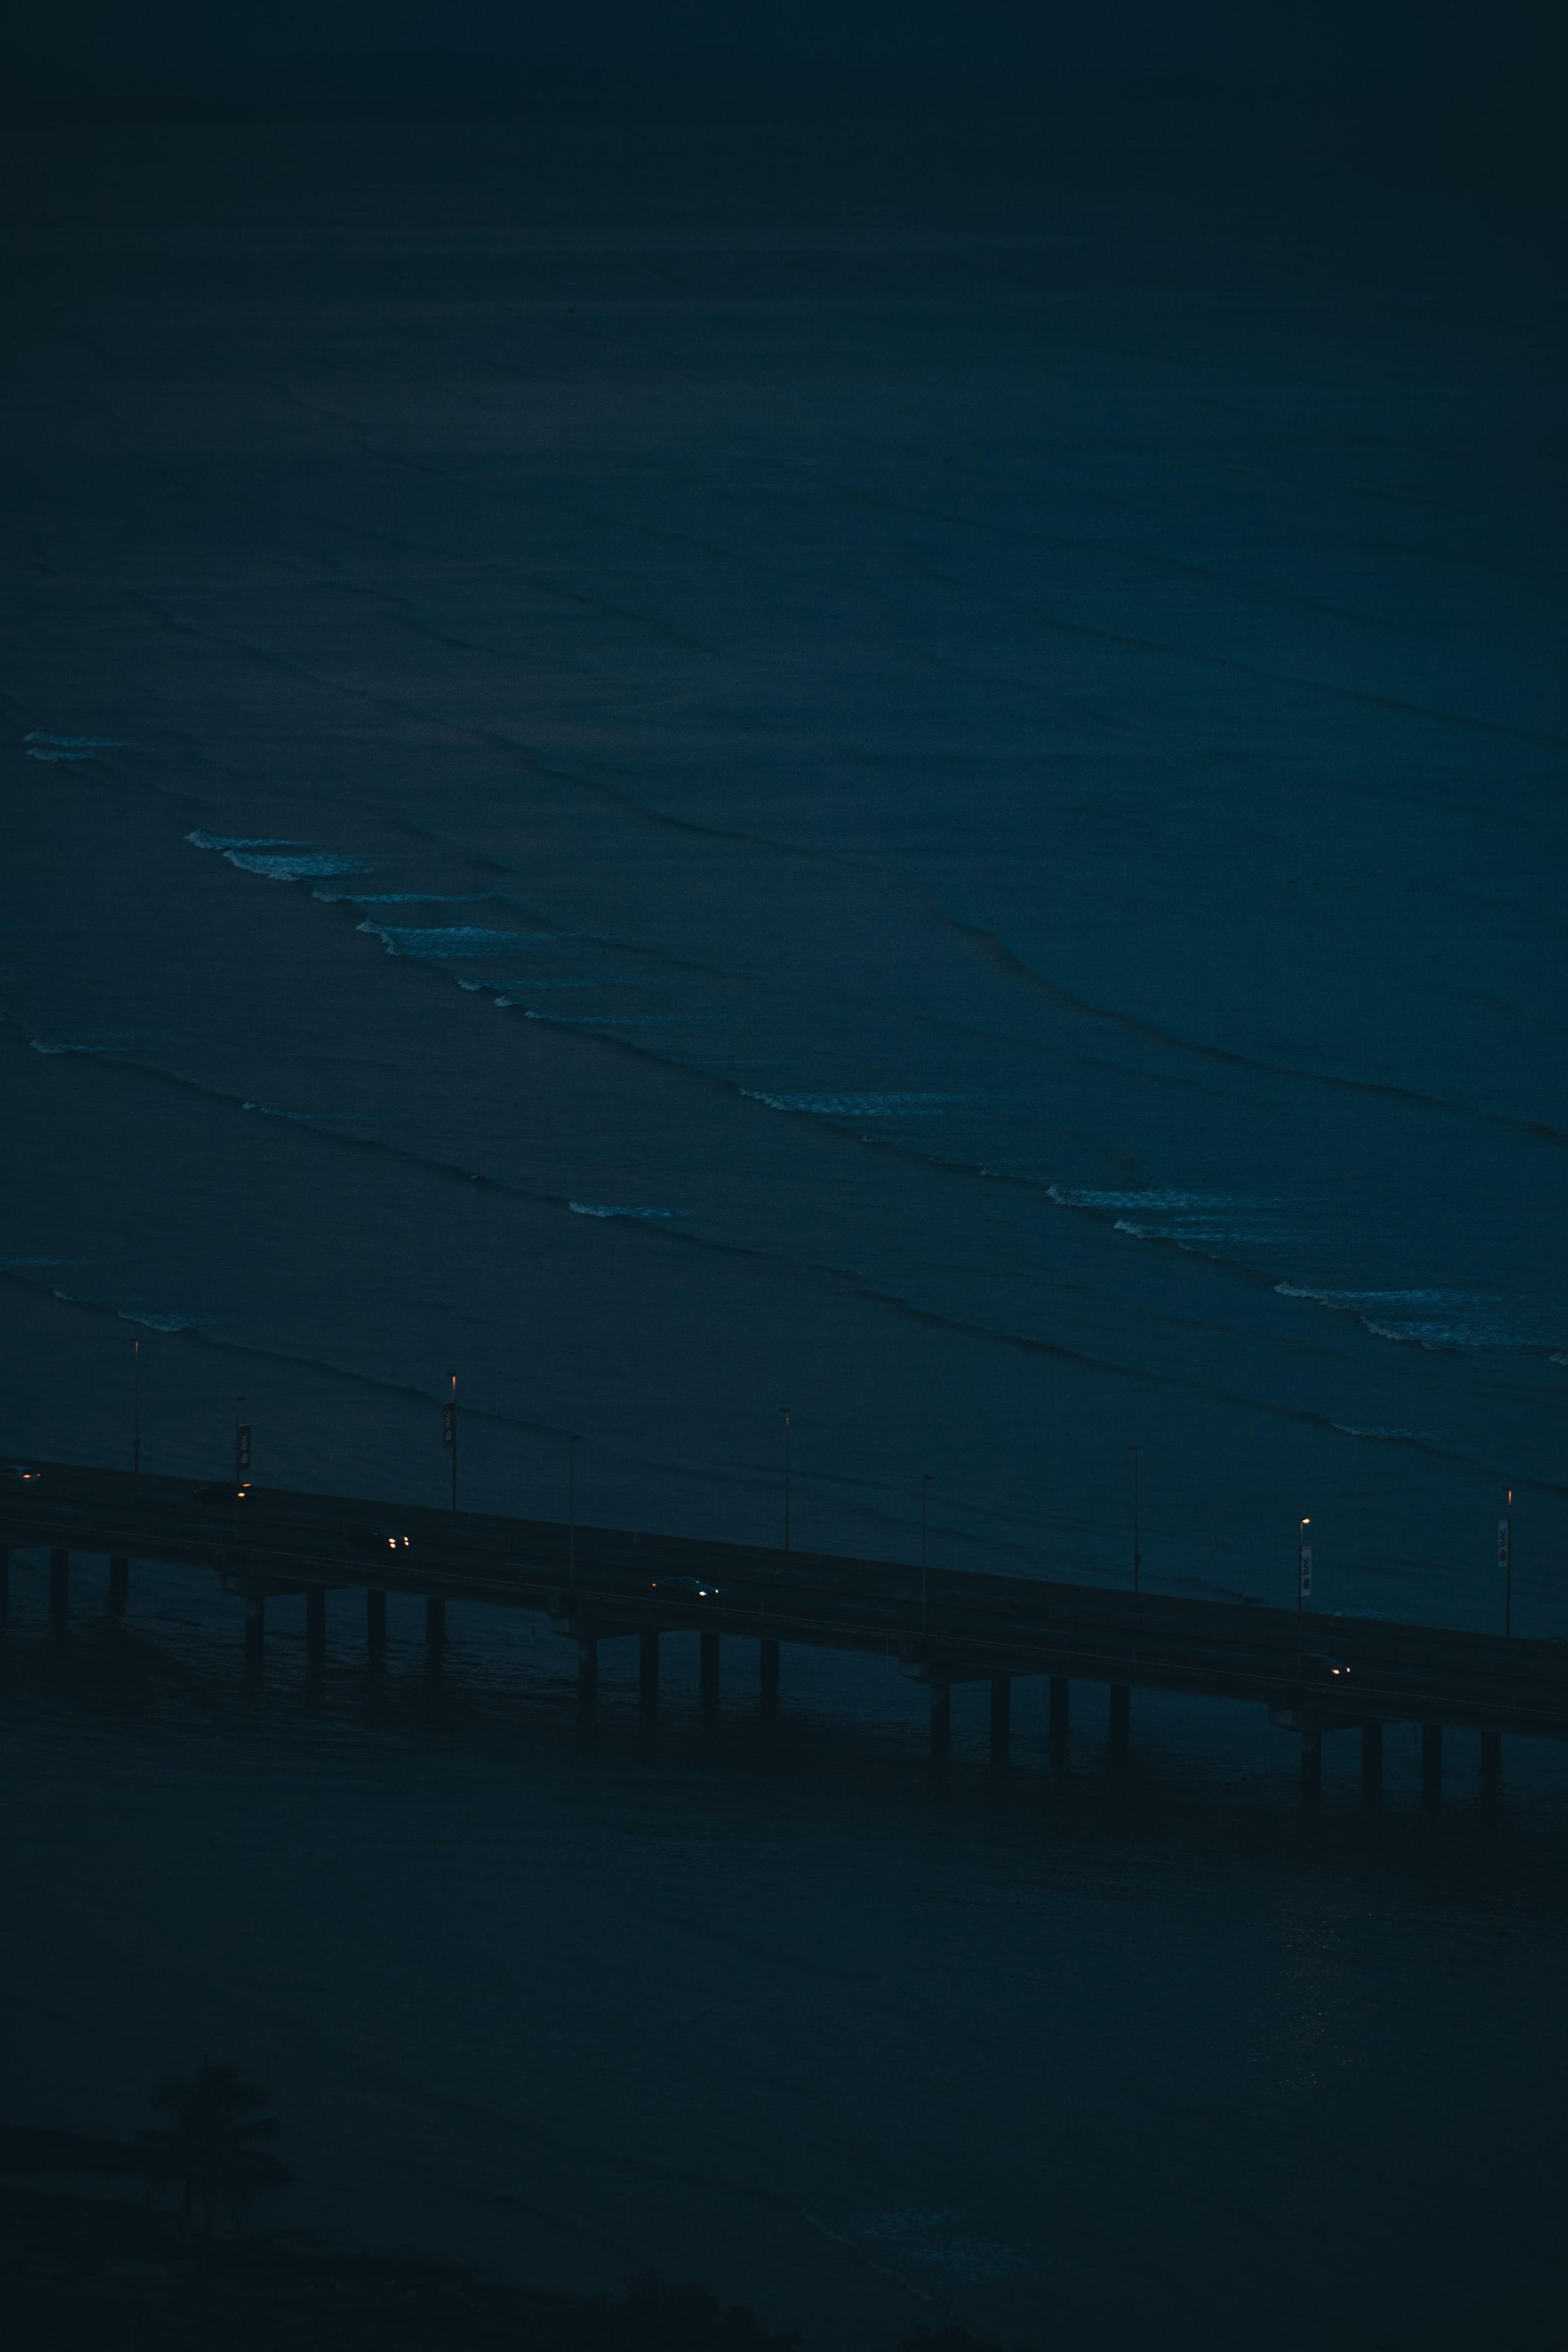 113281 скачать обои Темные, Мост, Дорога, Море, Ночь, Машины - заставки и картинки бесплатно